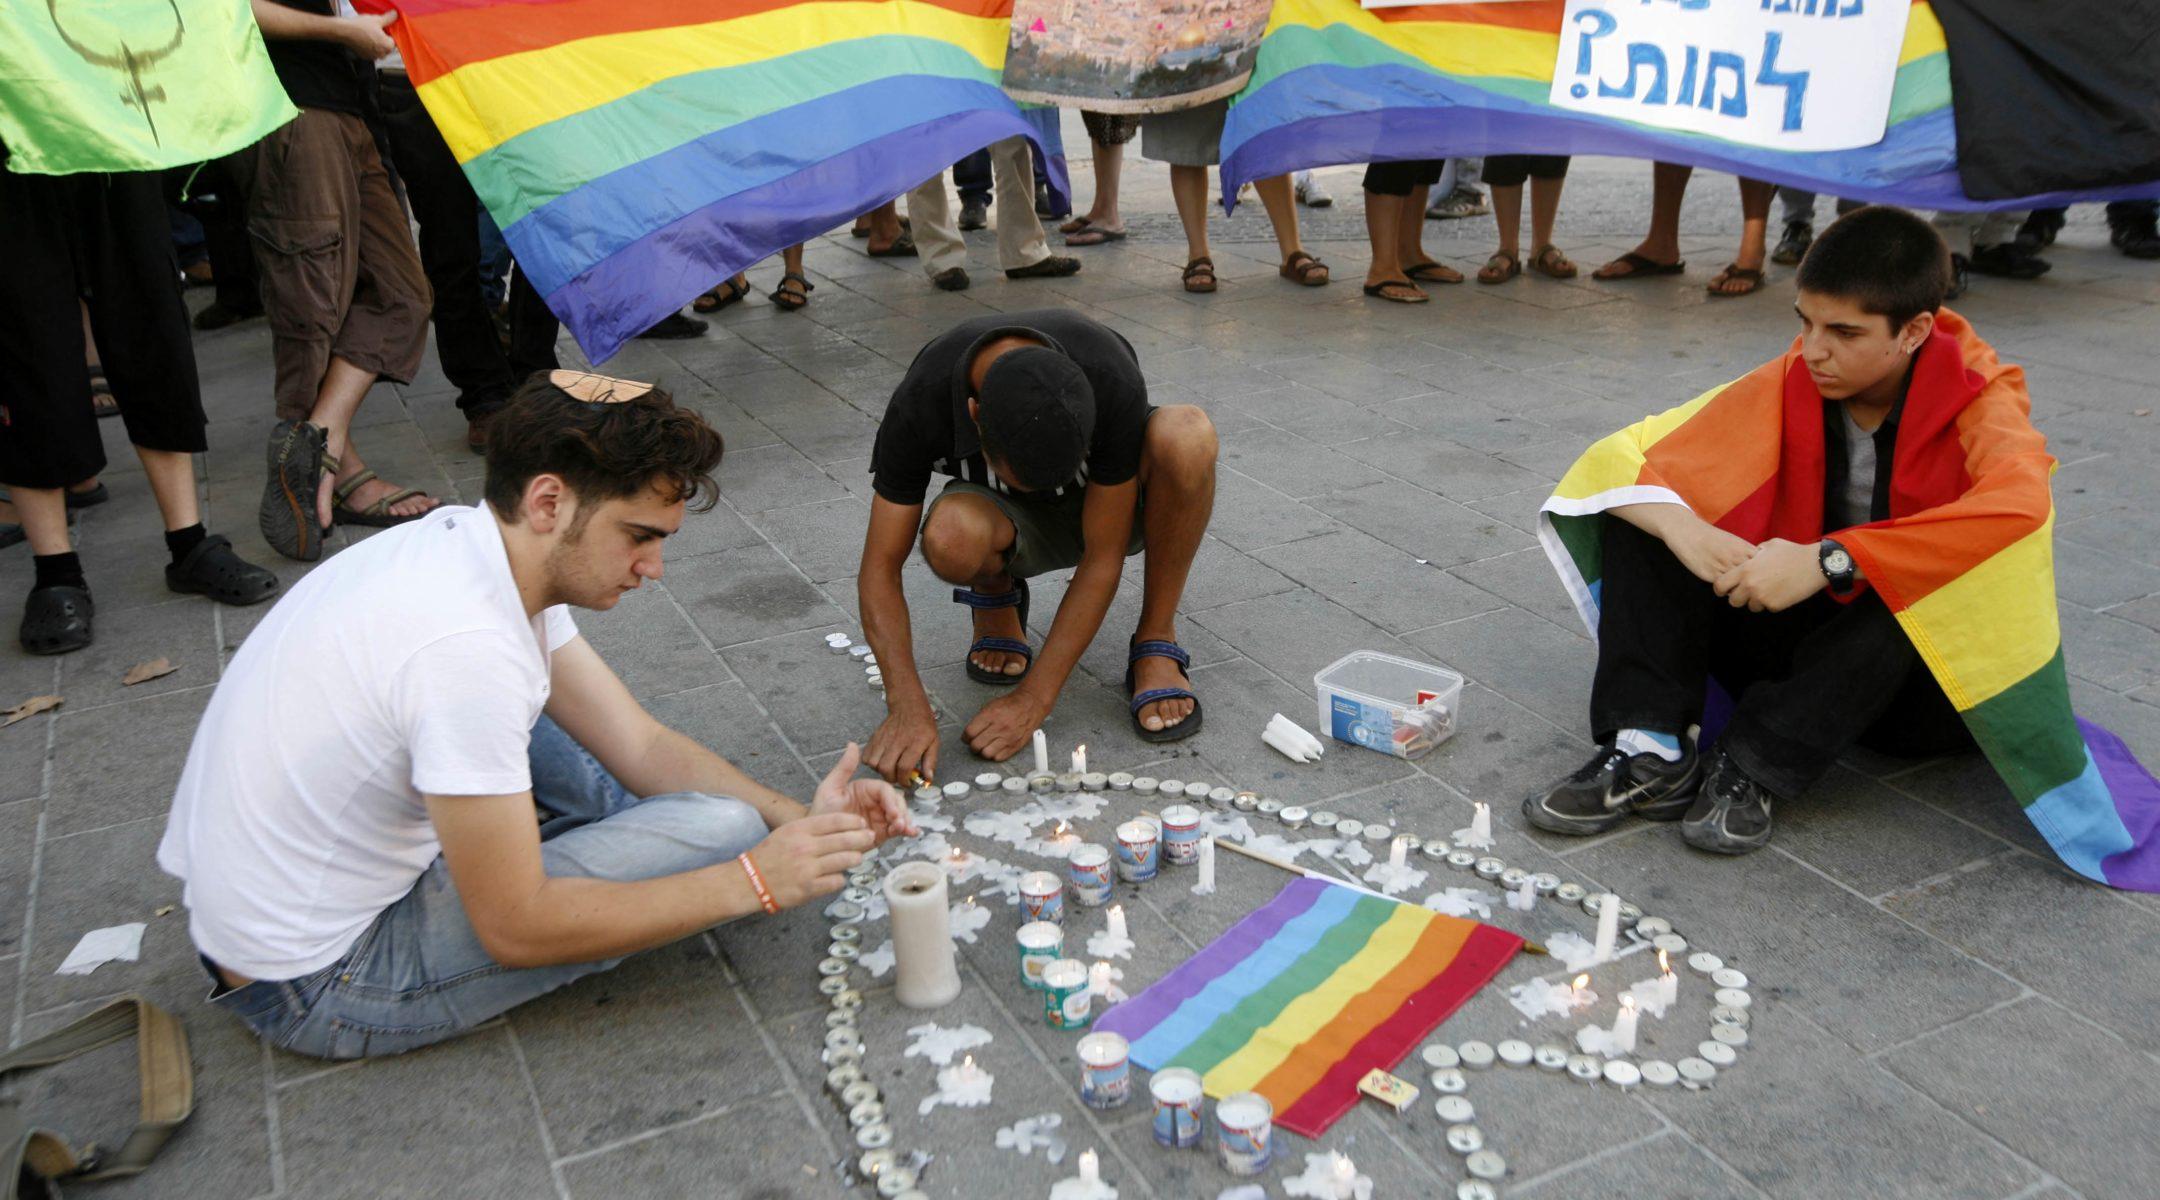 İsrail'de Artan Homofobik Saldırılara İsrail Başkanı Cevap Verdi: Bu Nefreti Bitirelim